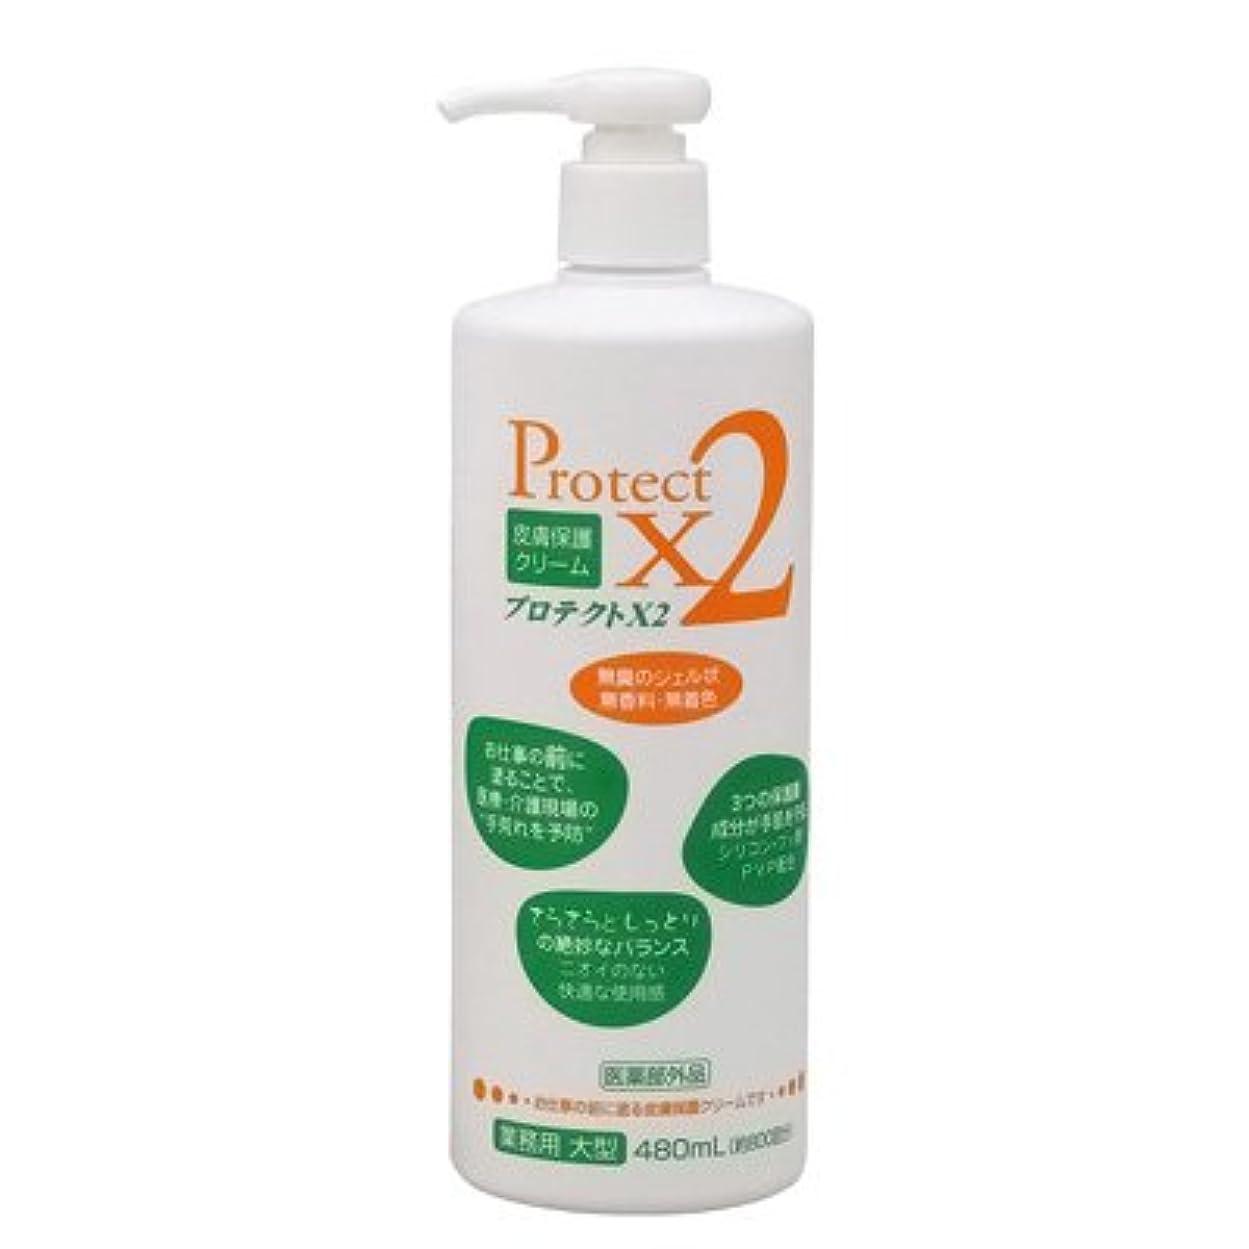 九時四十五分救いプレゼン皮膚保護クリーム プロテクトX2 480ml(大型)